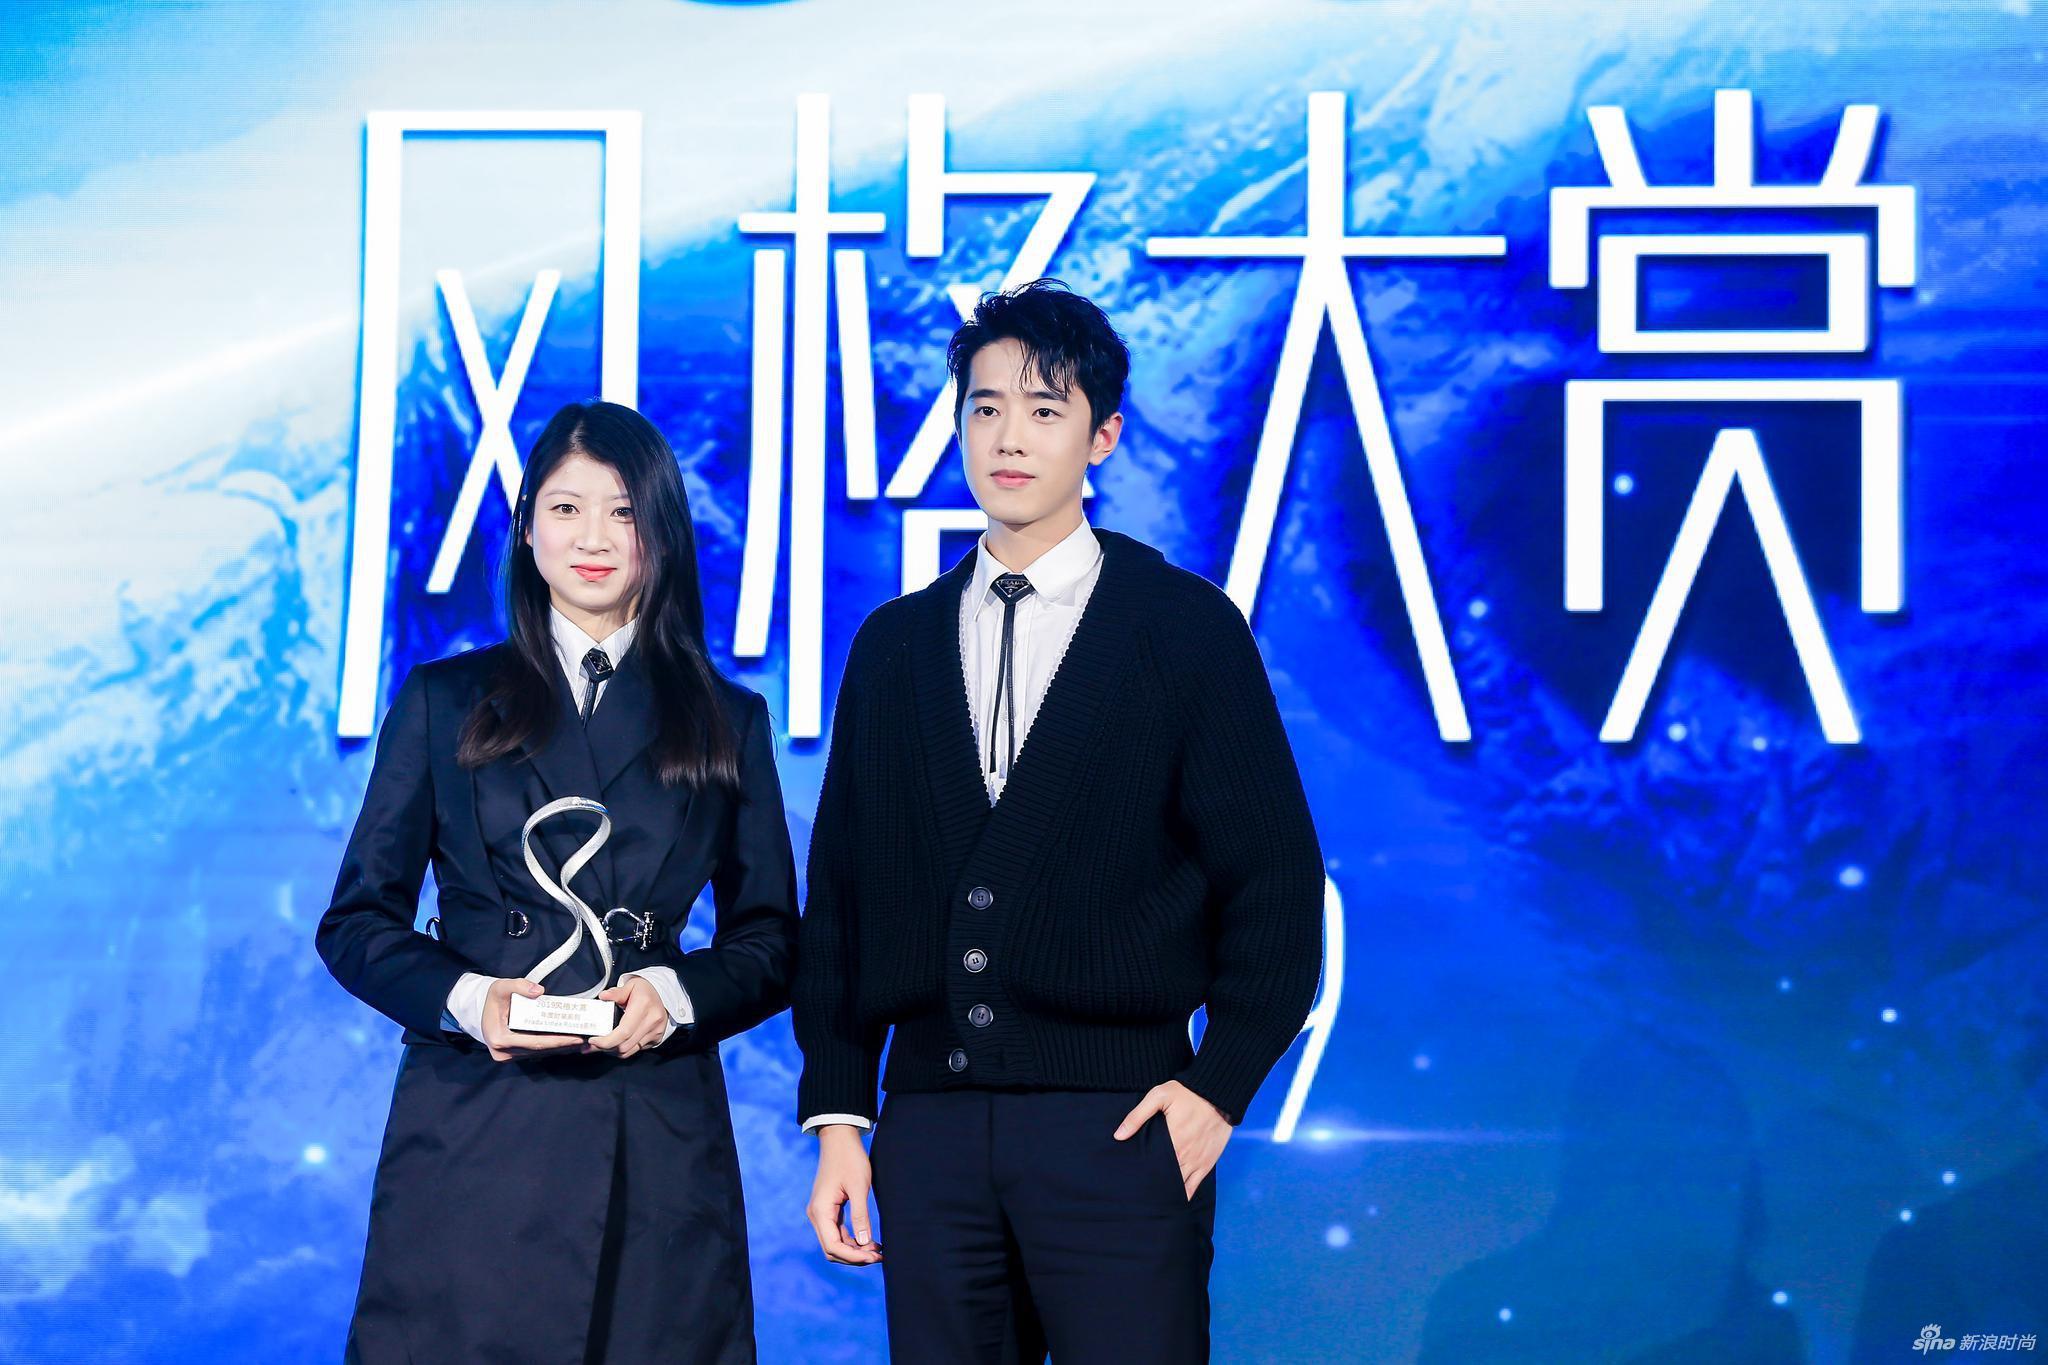 青年演员梁靖康为领奖嘉宾Prada助理公关经理李梦楠女士颁奖